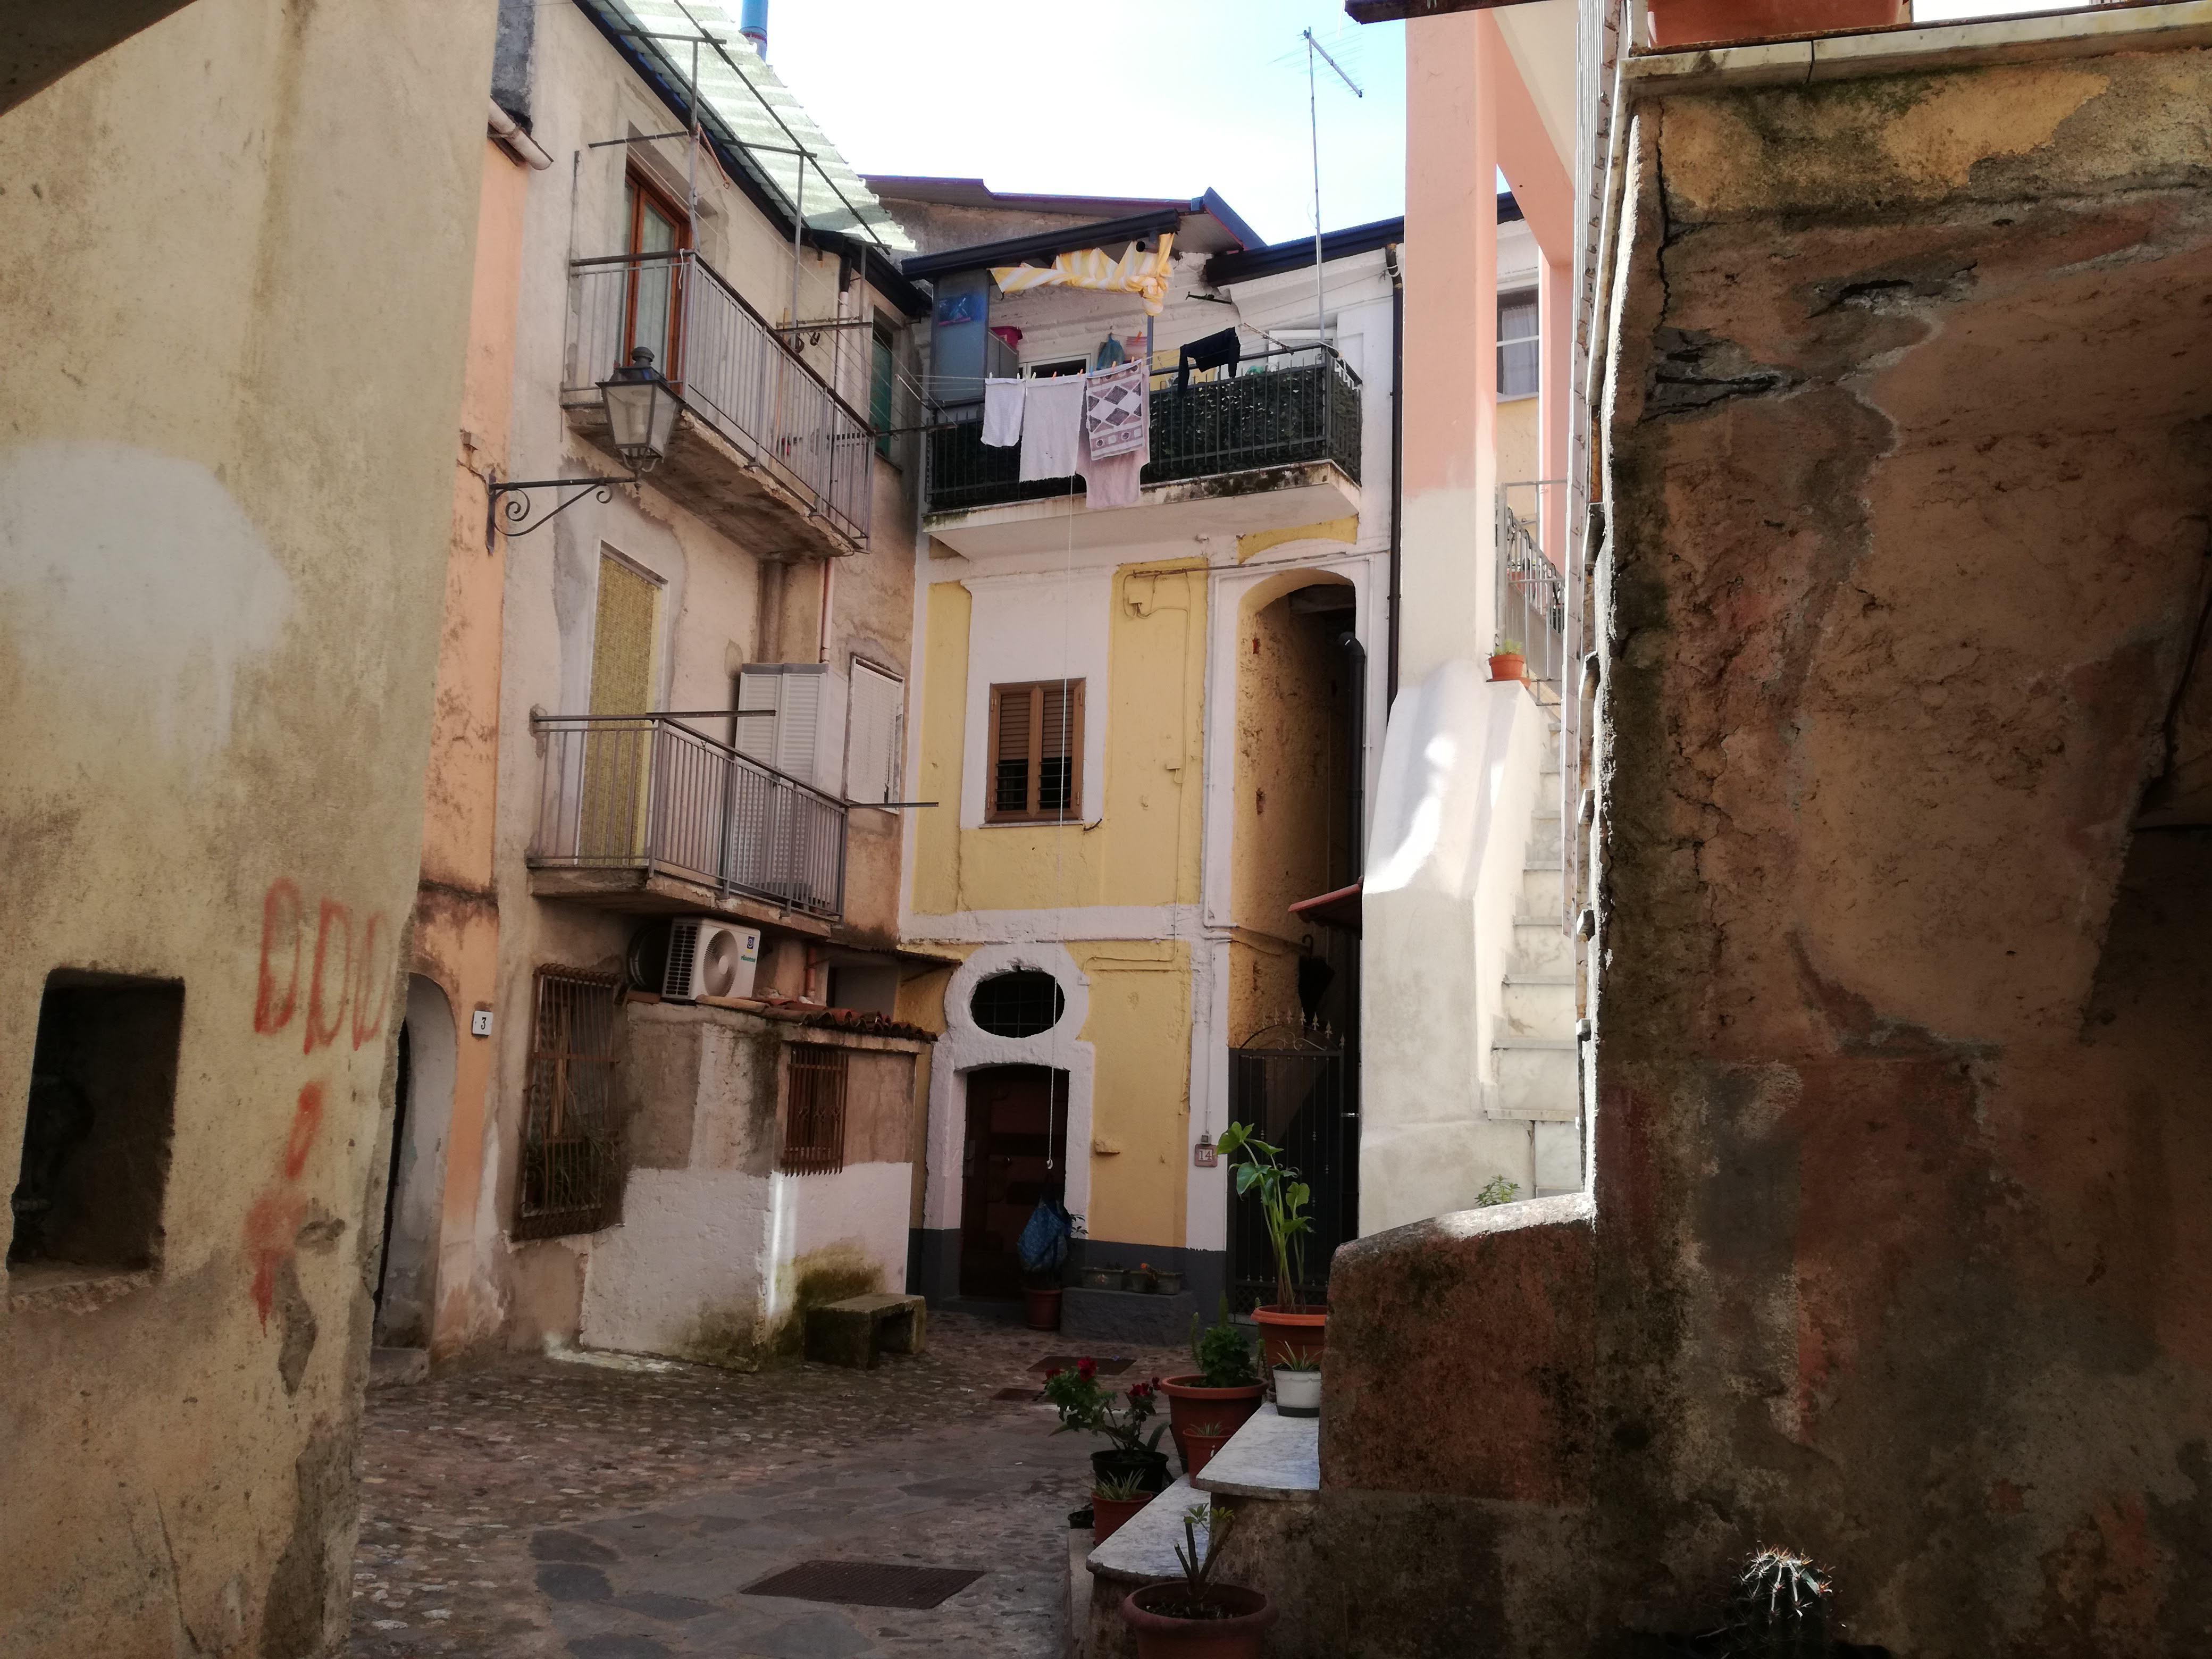 una via del centro storico con un piccolo cortile fra le case